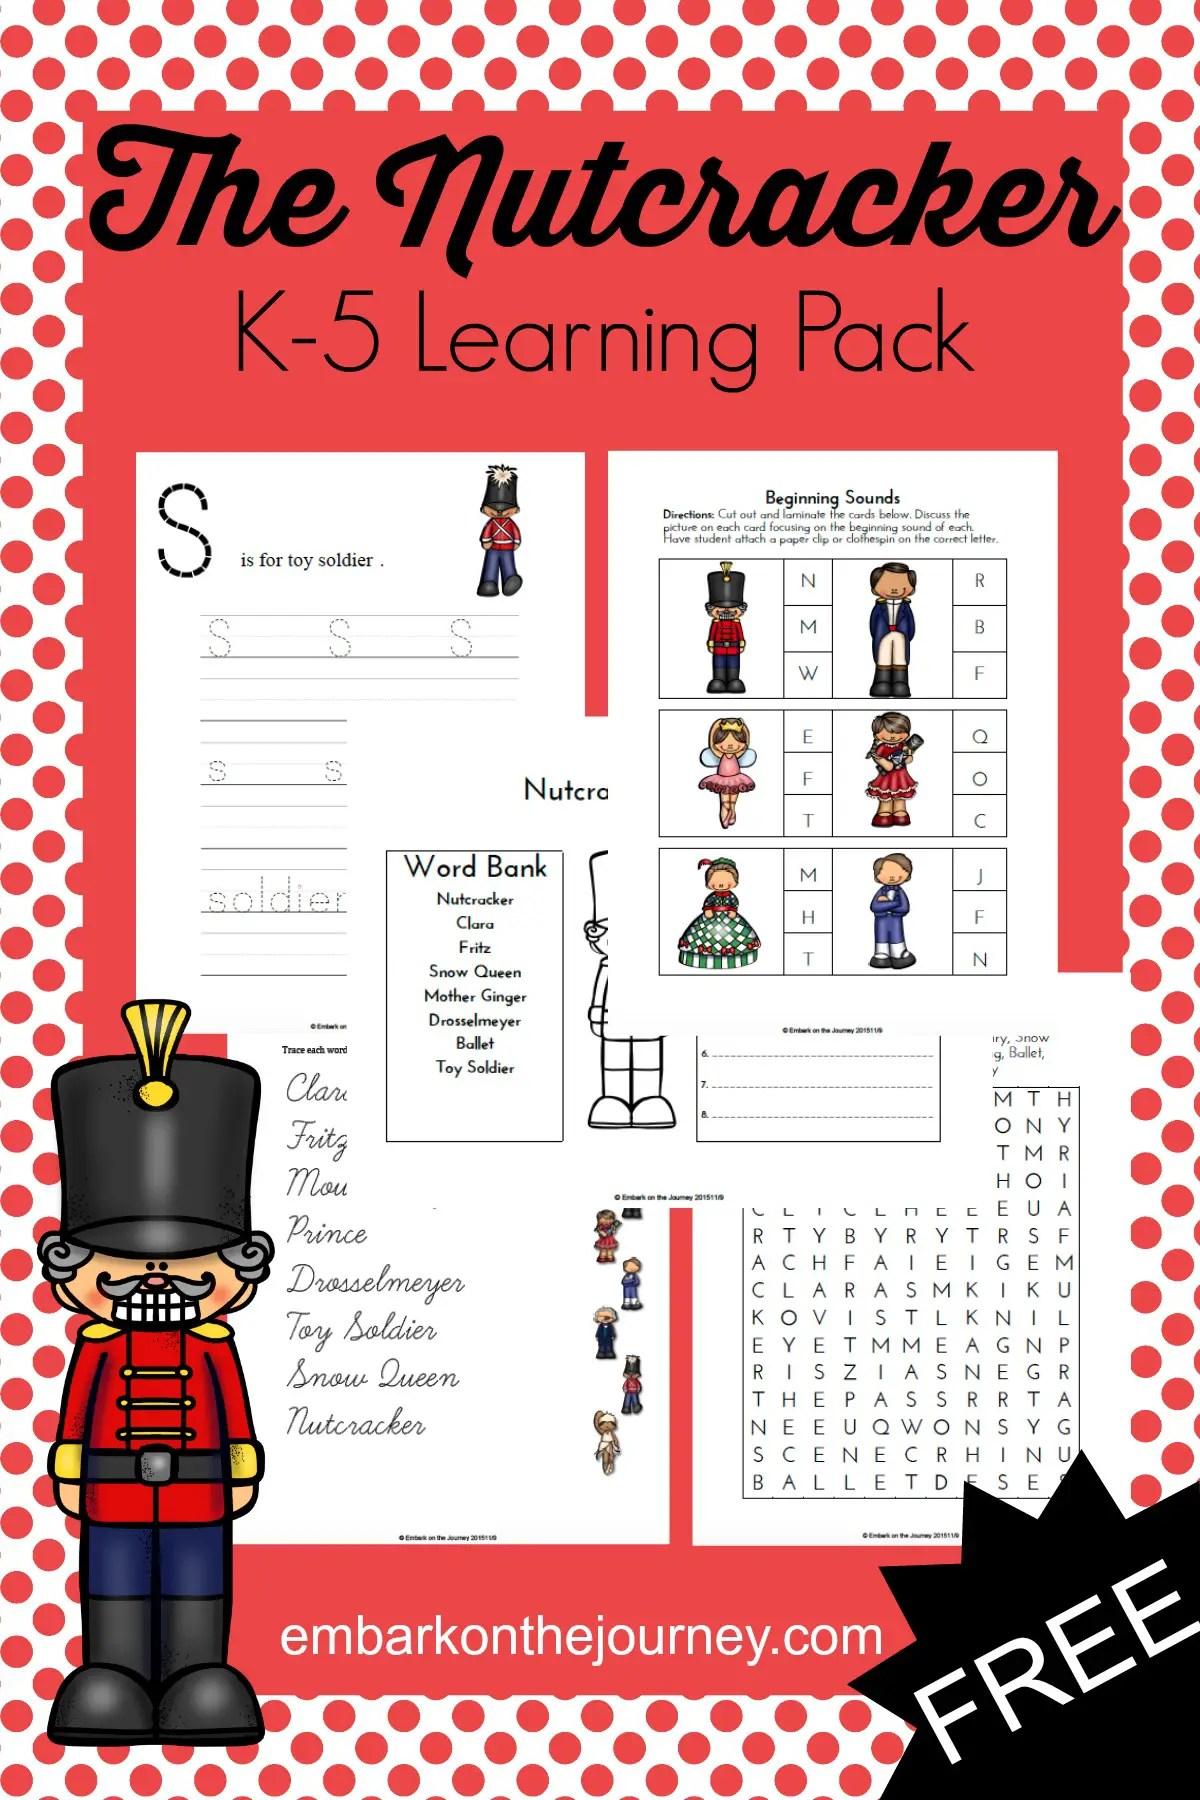 The Nutcracker Printable Learning Pack For K 5